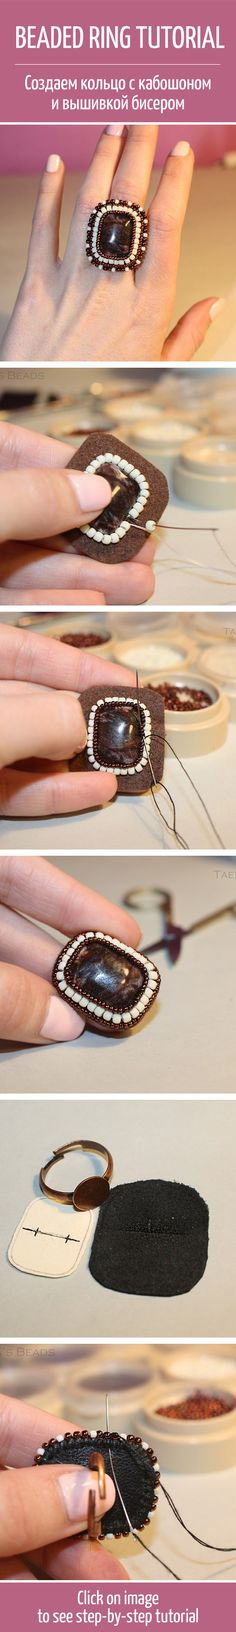 Beaded ring tutorial #handmade #art #design / Создаем кольцо с кабошоном и…